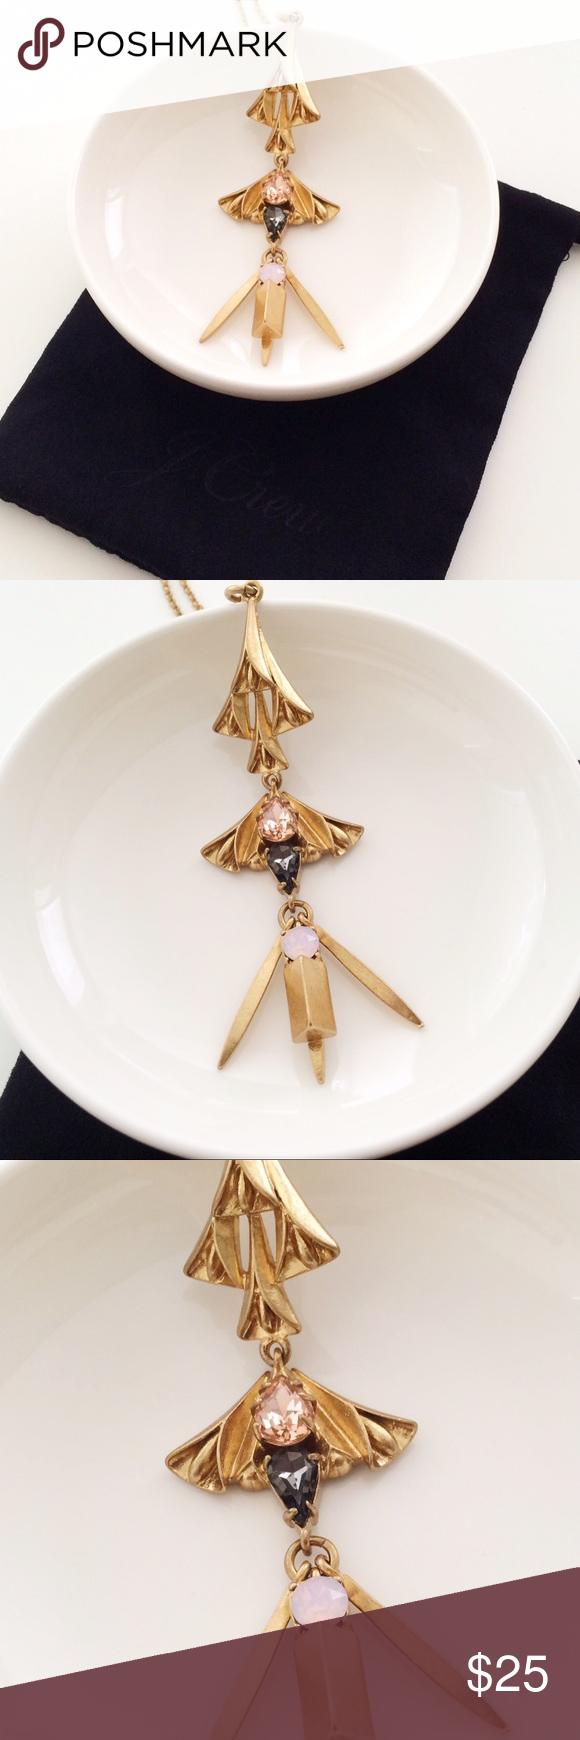 J crew pendant necklace retail gems and pendants